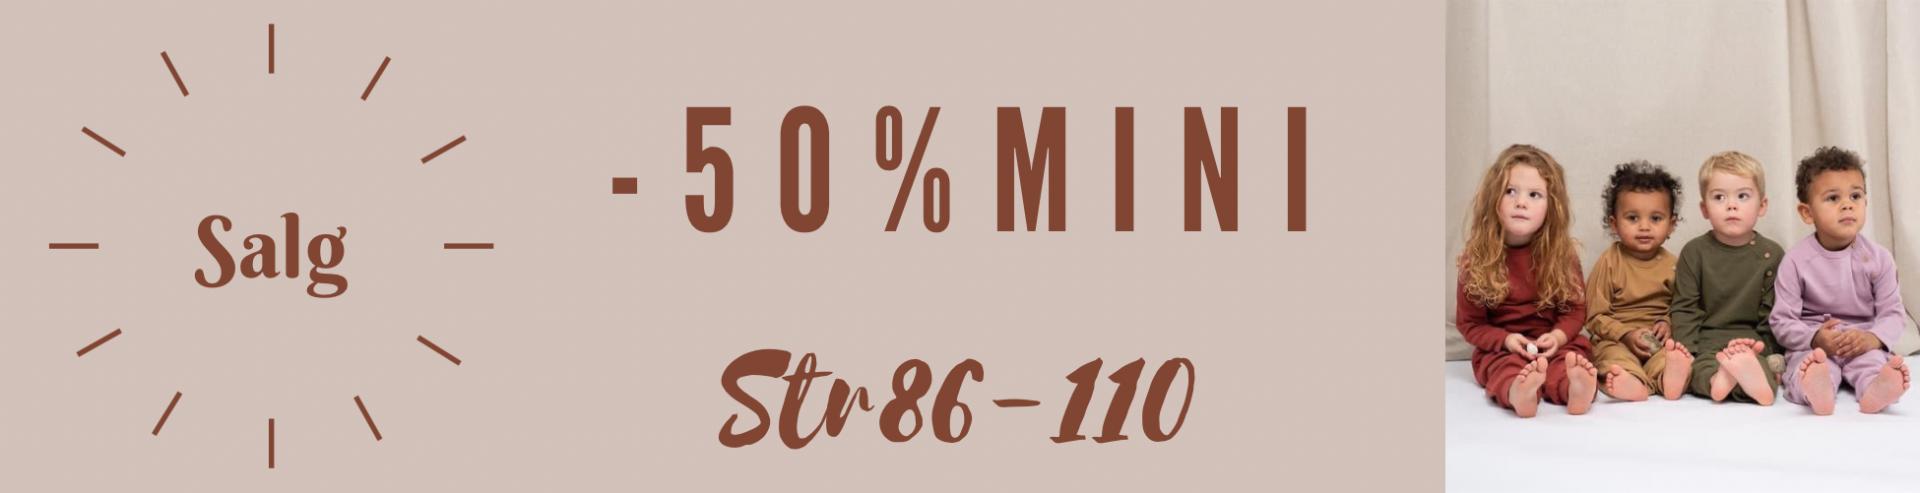 Januarsalg mini -50%